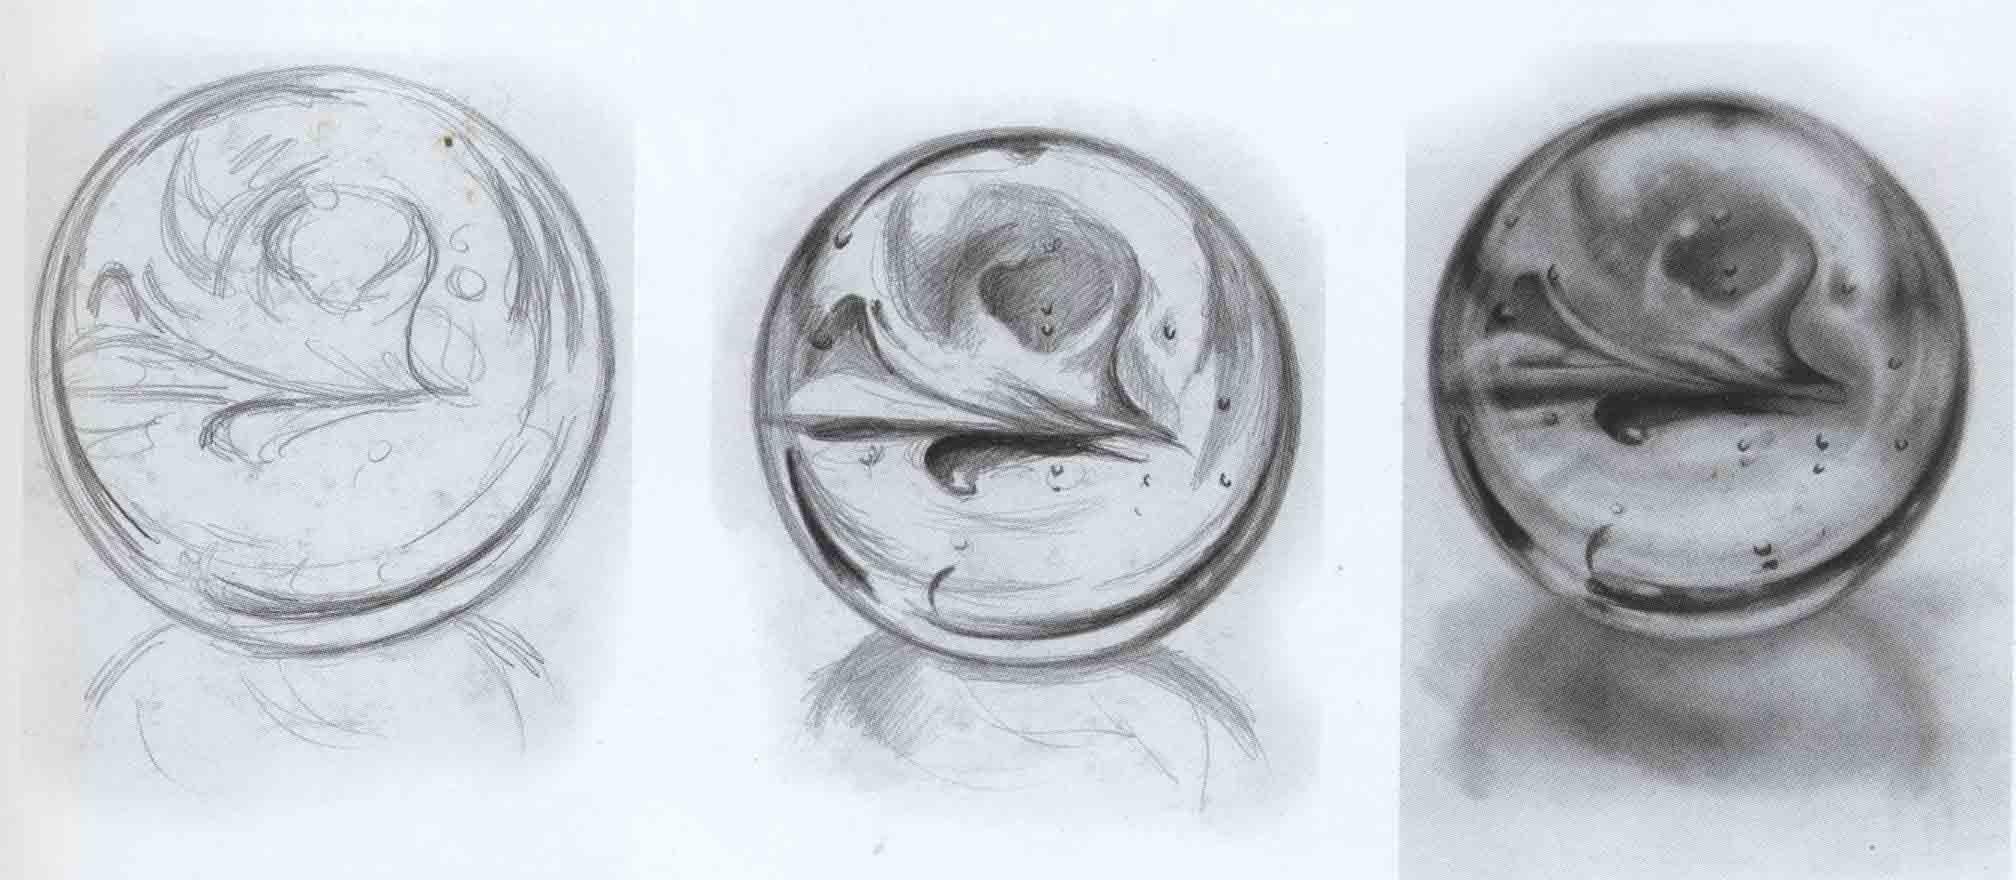 академический рисунок шара - блестящими поверхностями